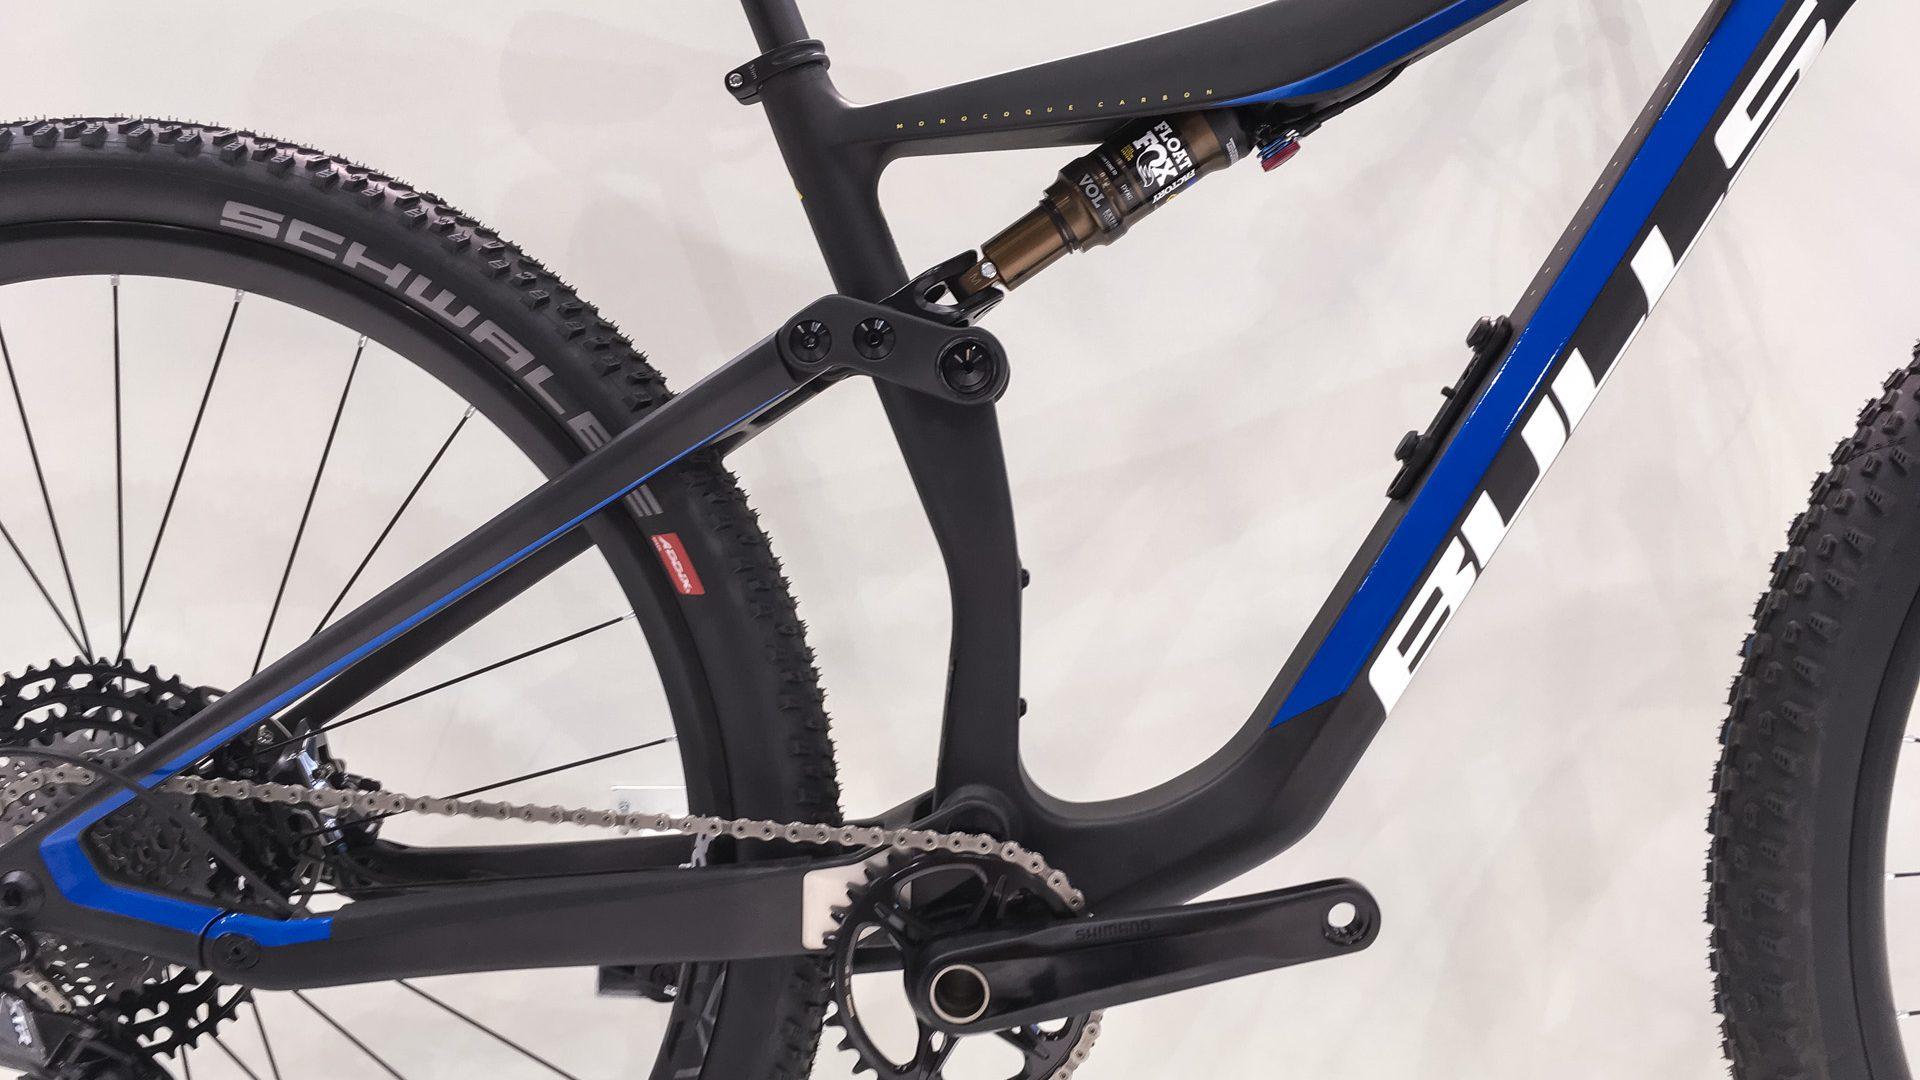 Eurobike – As novidades 2020 nas bicicletas de montanha (parte 2).